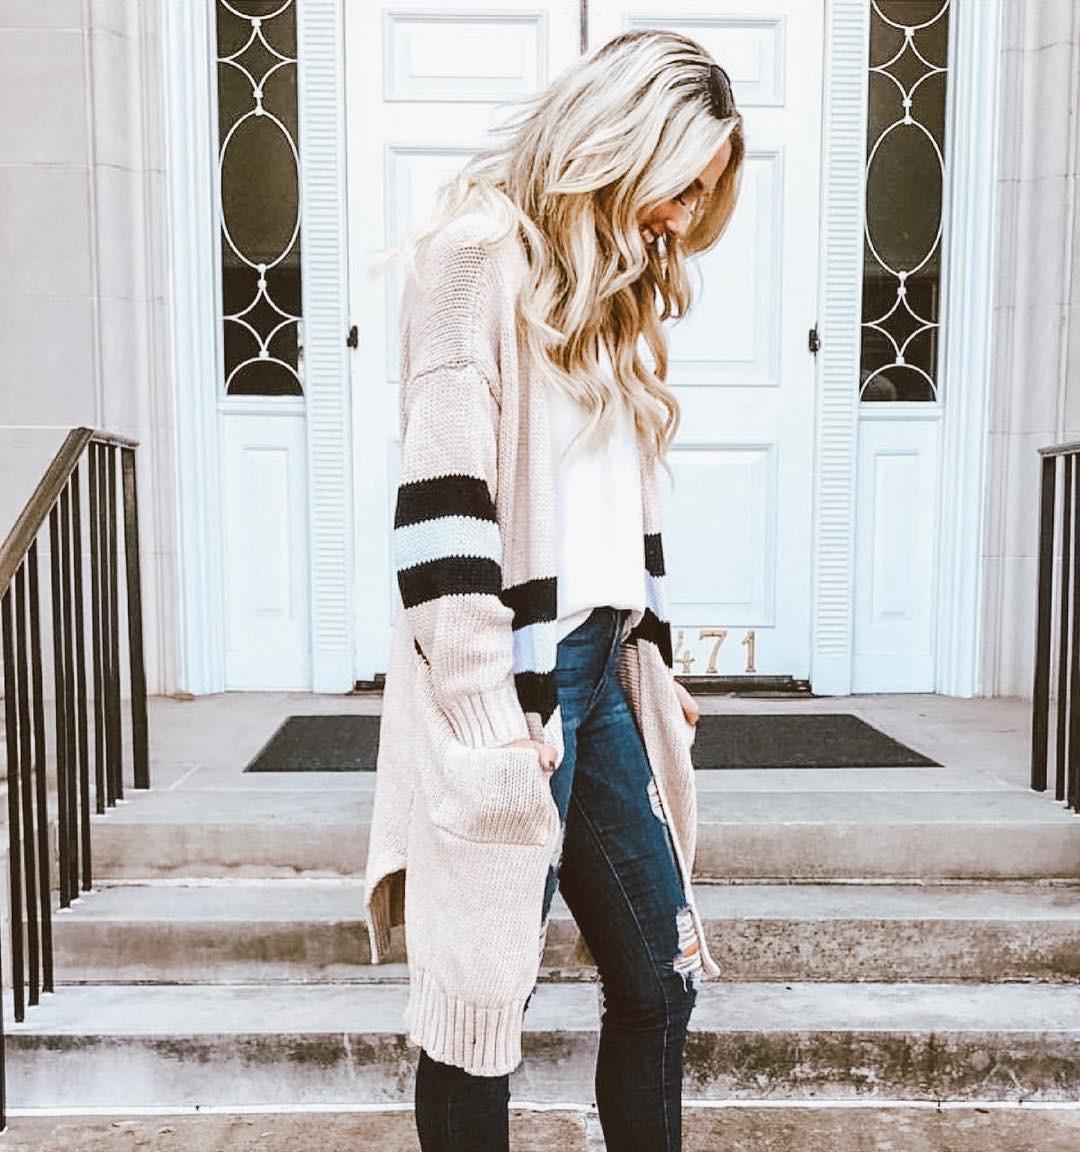 Jacket Women Women's Long Sleeve Knitwear Lady Open Front Cardigan Sweaters Casual Outerwear Chaqueta Mujer T3190605